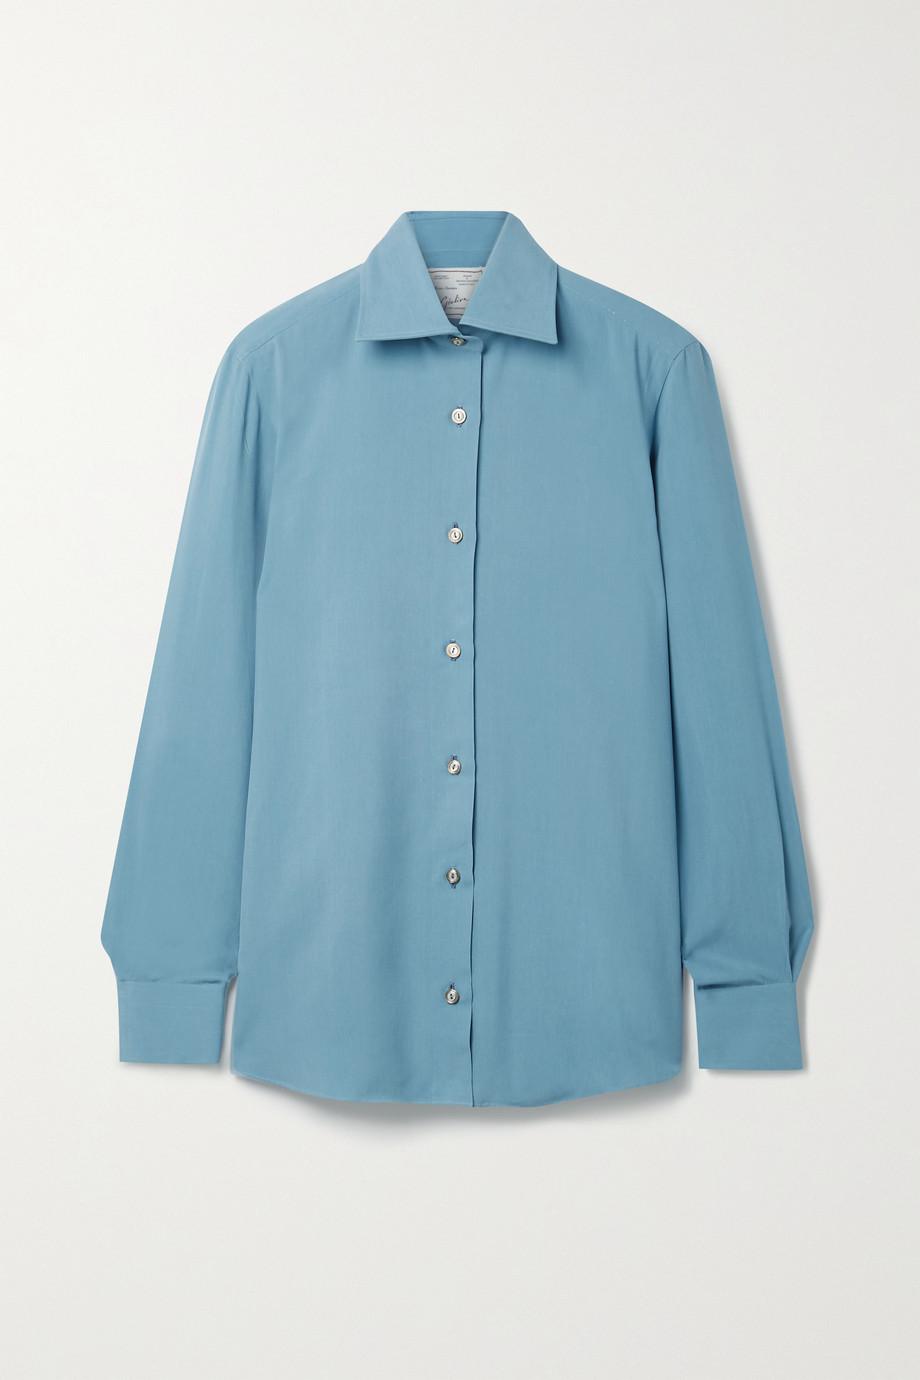 Giuliva Heritage + NET SUSTAIN The Elvira silk shirt